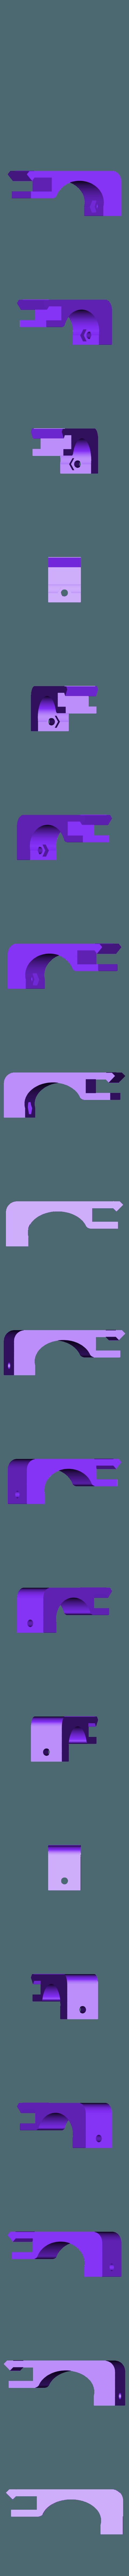 EjeY_final_carrera_base_larga.stl Télécharger fichier STL gratuit Amélioration du lit pour Prusa i3 • Plan imprimable en 3D, BQ_3D